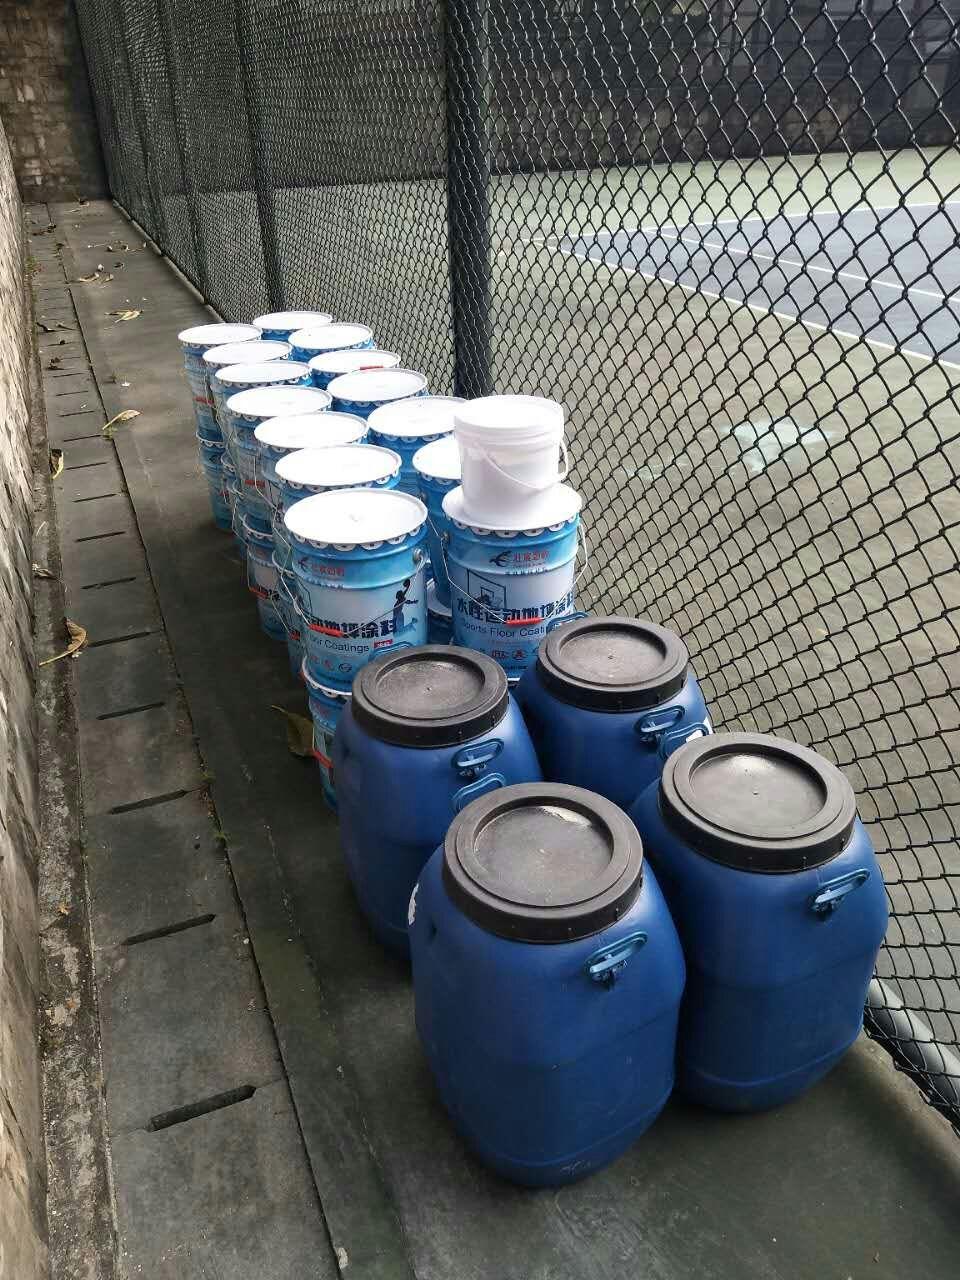 丙烯酸网球场材料进场